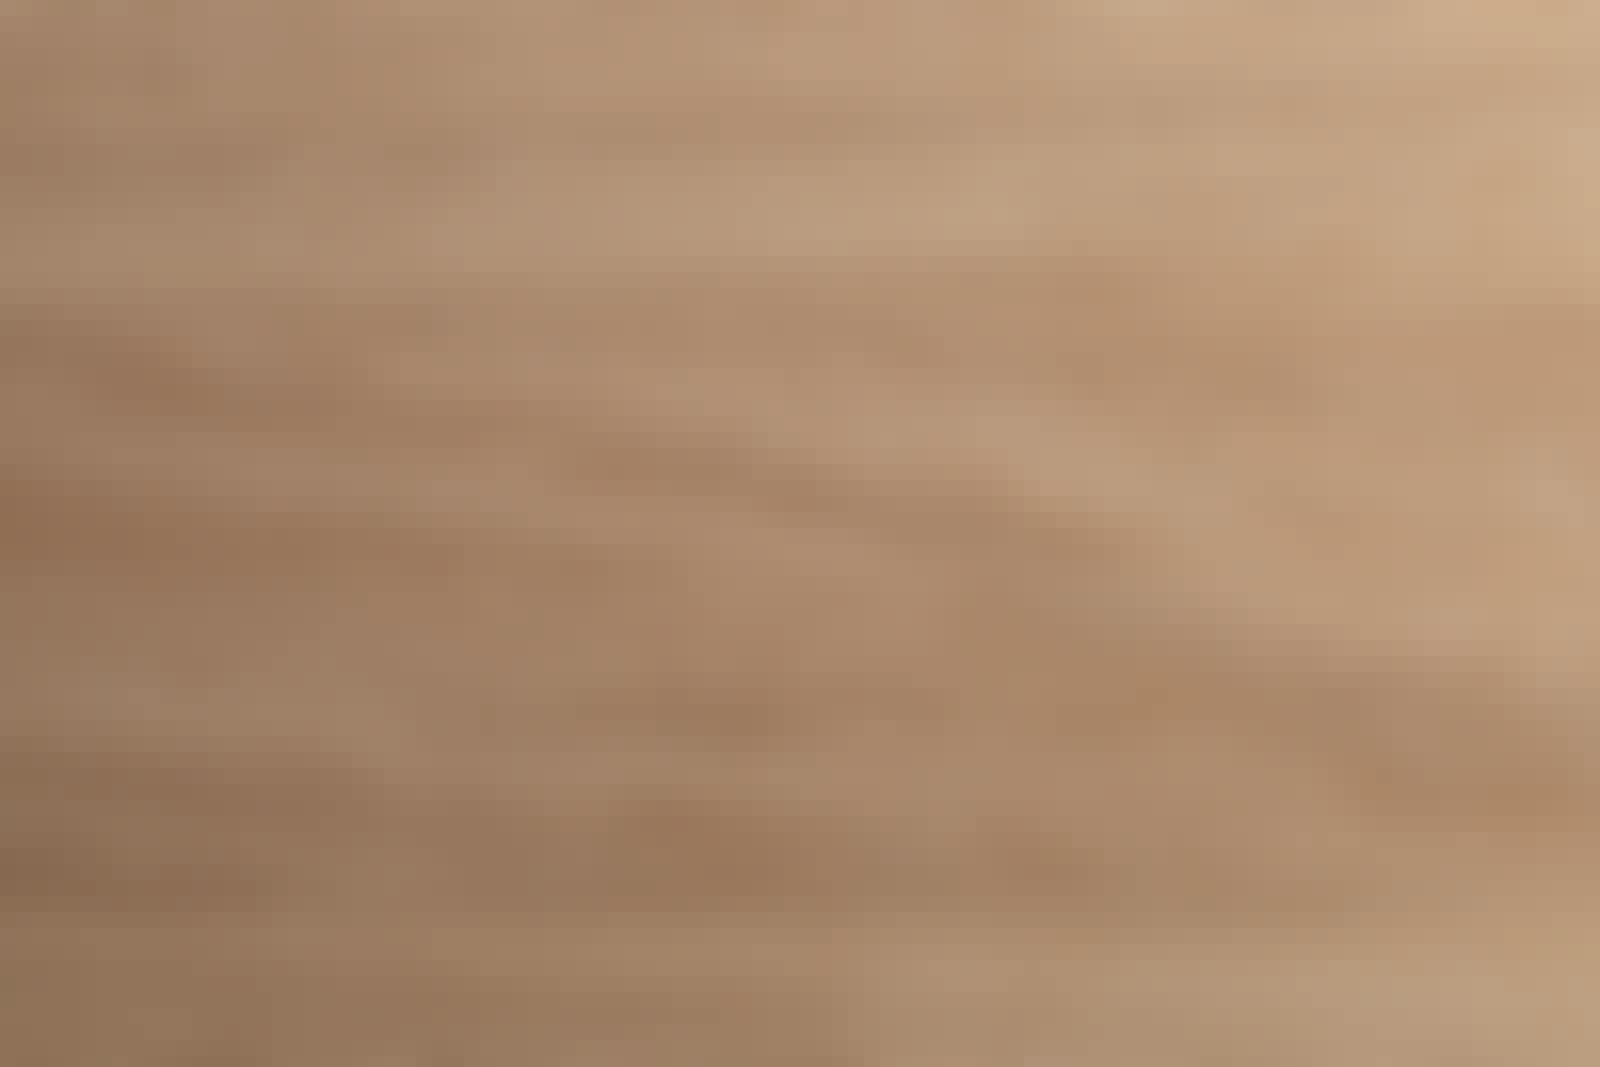 Kaupoissa on laaja valikoima eri puulajeista tehtyjä sauvaliimattuja pöytälevyjä.